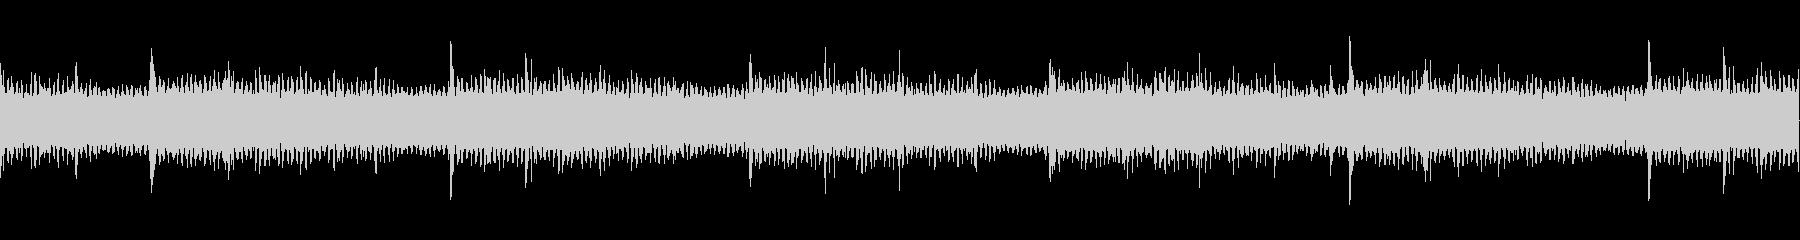 【ドラム・ベース抜き】おしゃれでメロデ…の未再生の波形